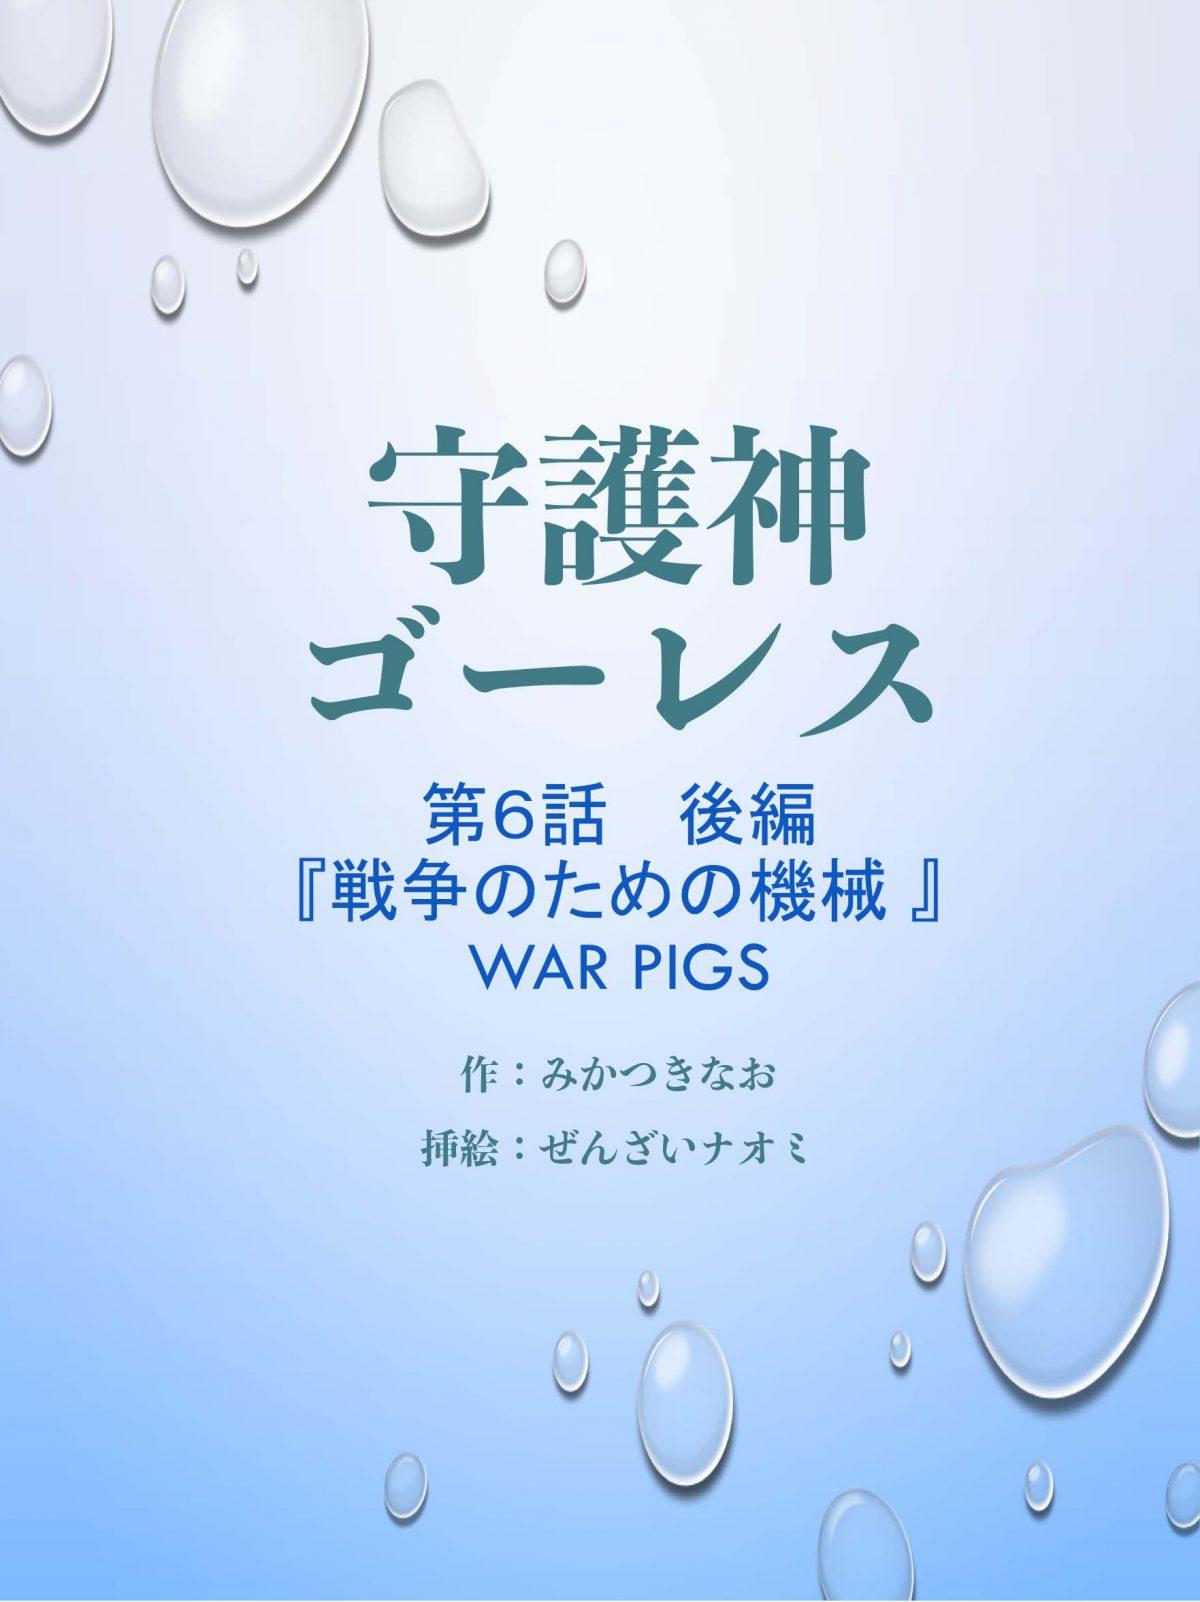 守護神ゴーレス  第6話 後編 『戦争のための機械』 War pigs